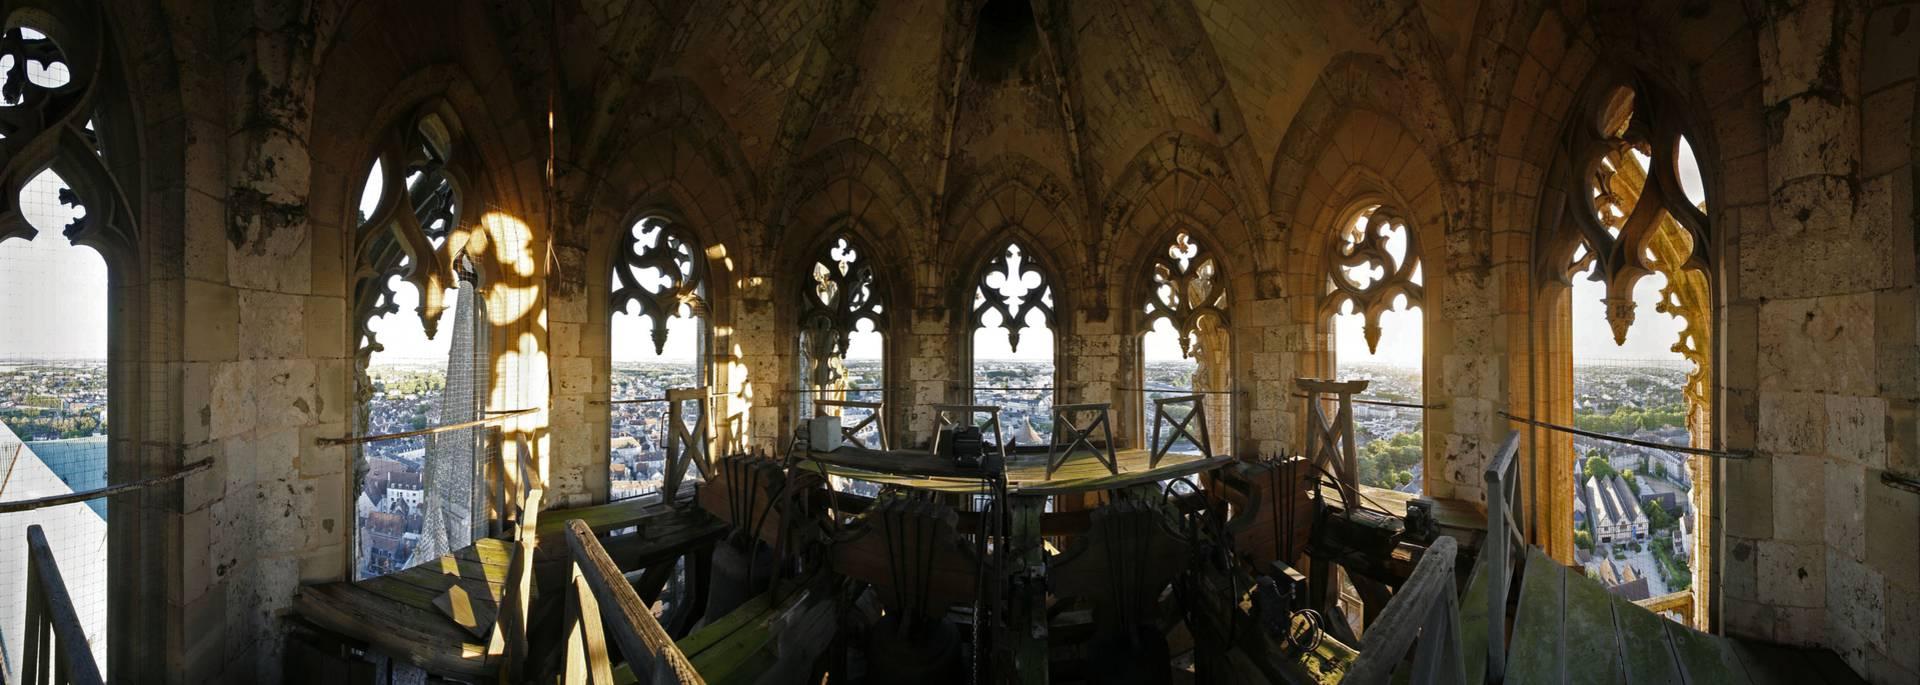 cloches de la cathédrale